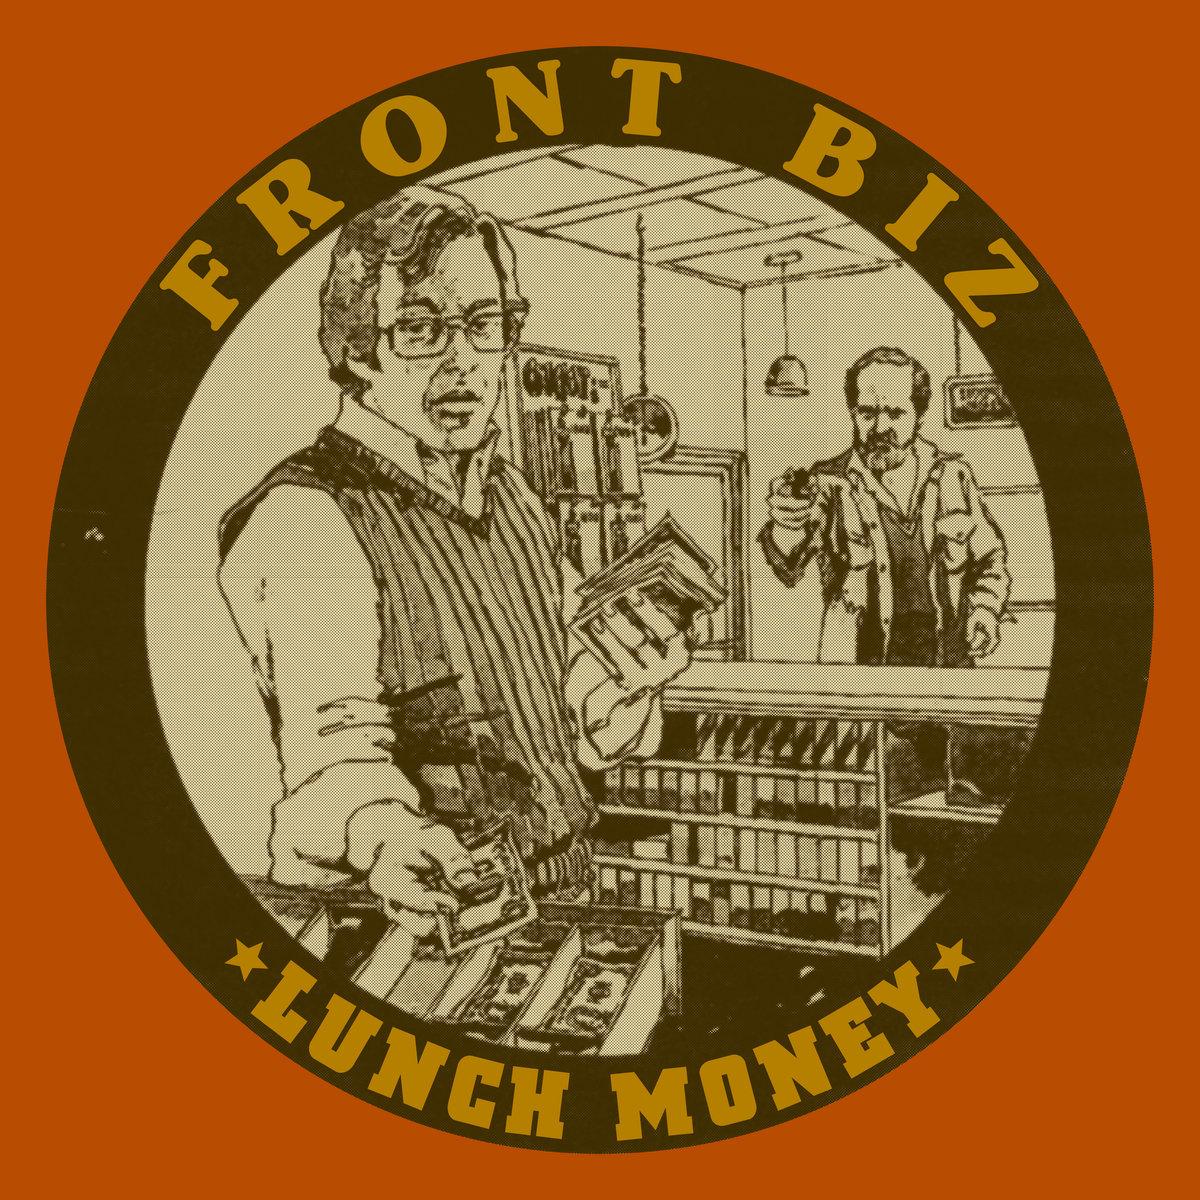 front biz lunch money